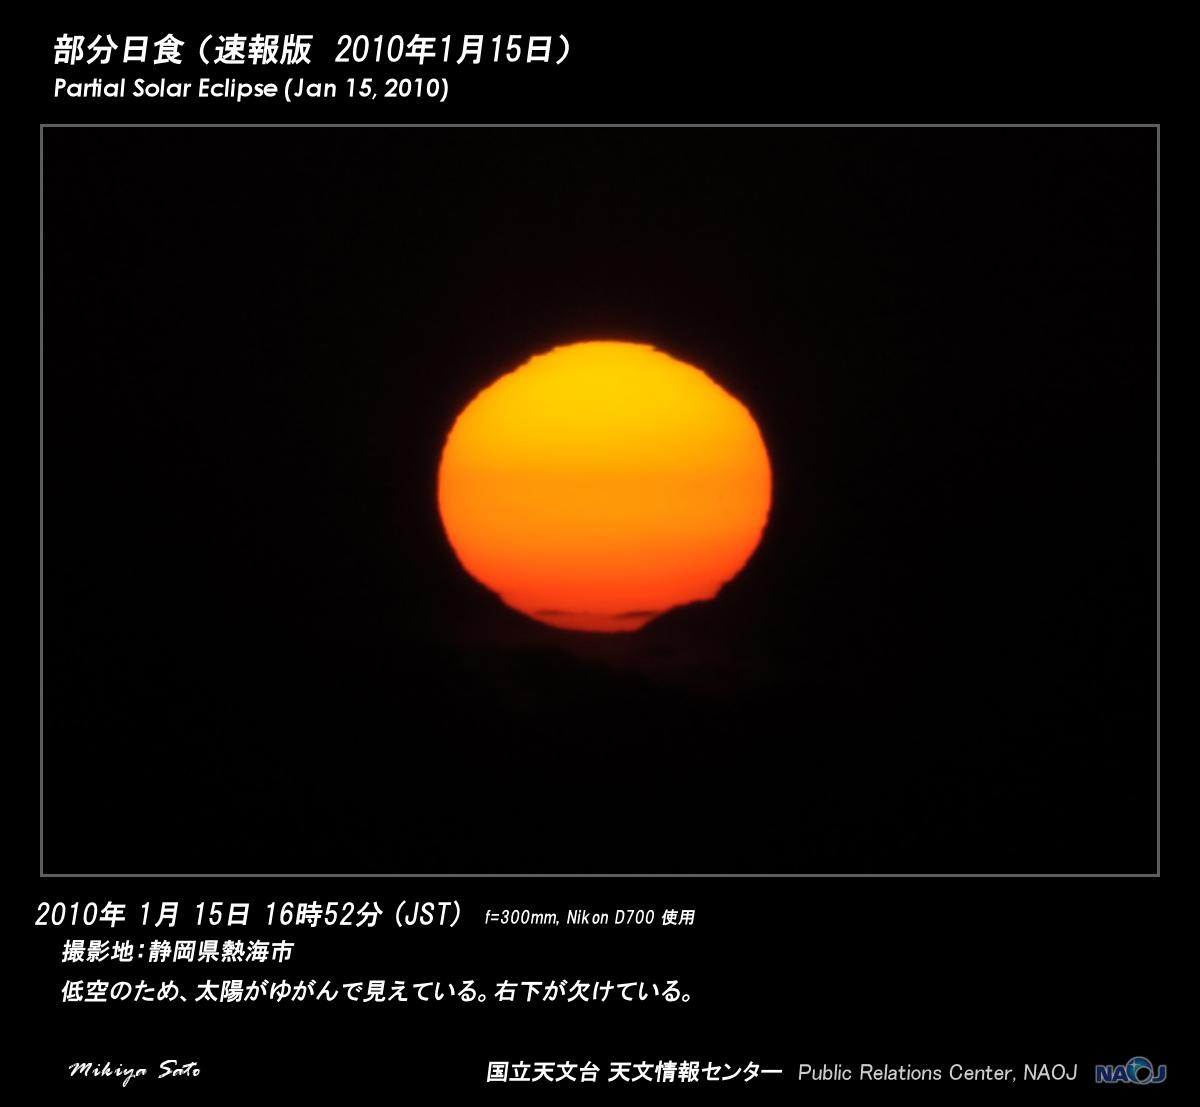 太陽   国立天文台(NAOJ)